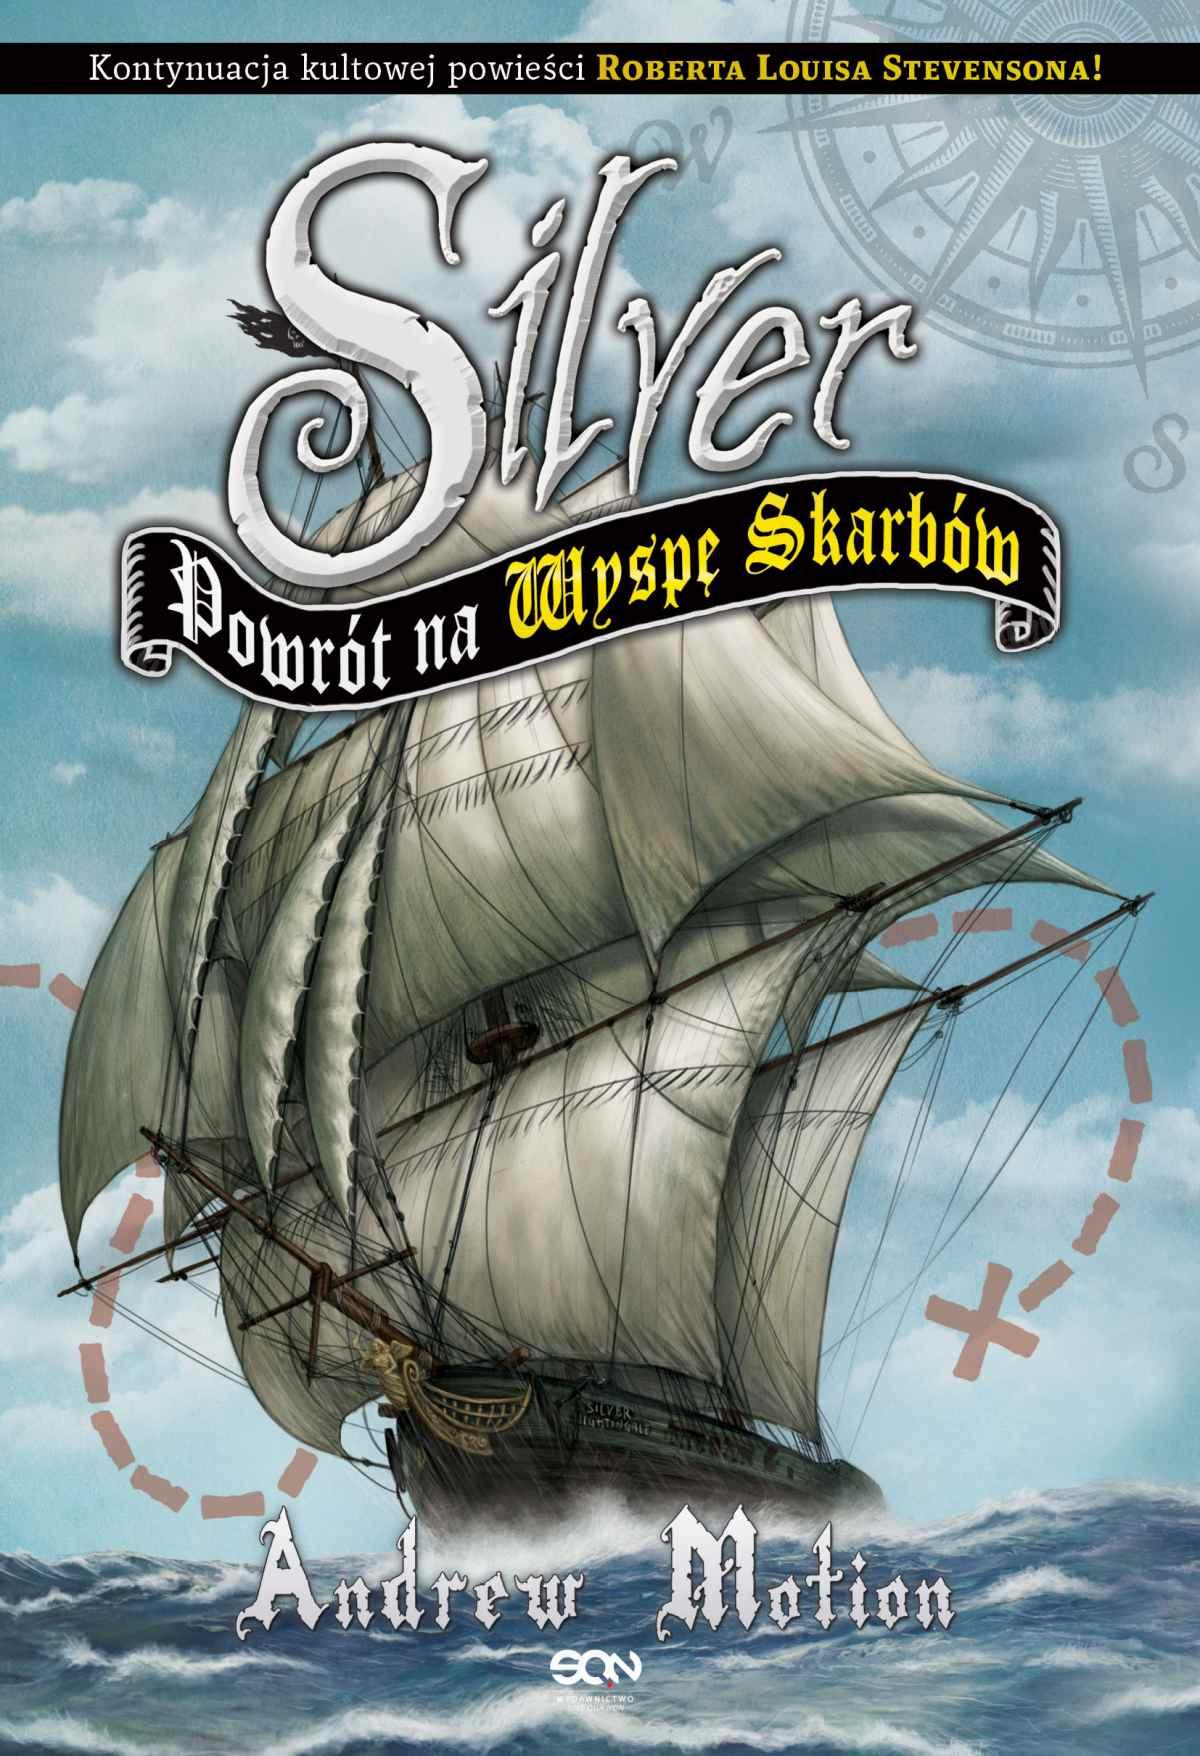 Silver. Powrót na Wyspę Skarbów - Ebook (Książka na Kindle) do pobrania w formacie MOBI